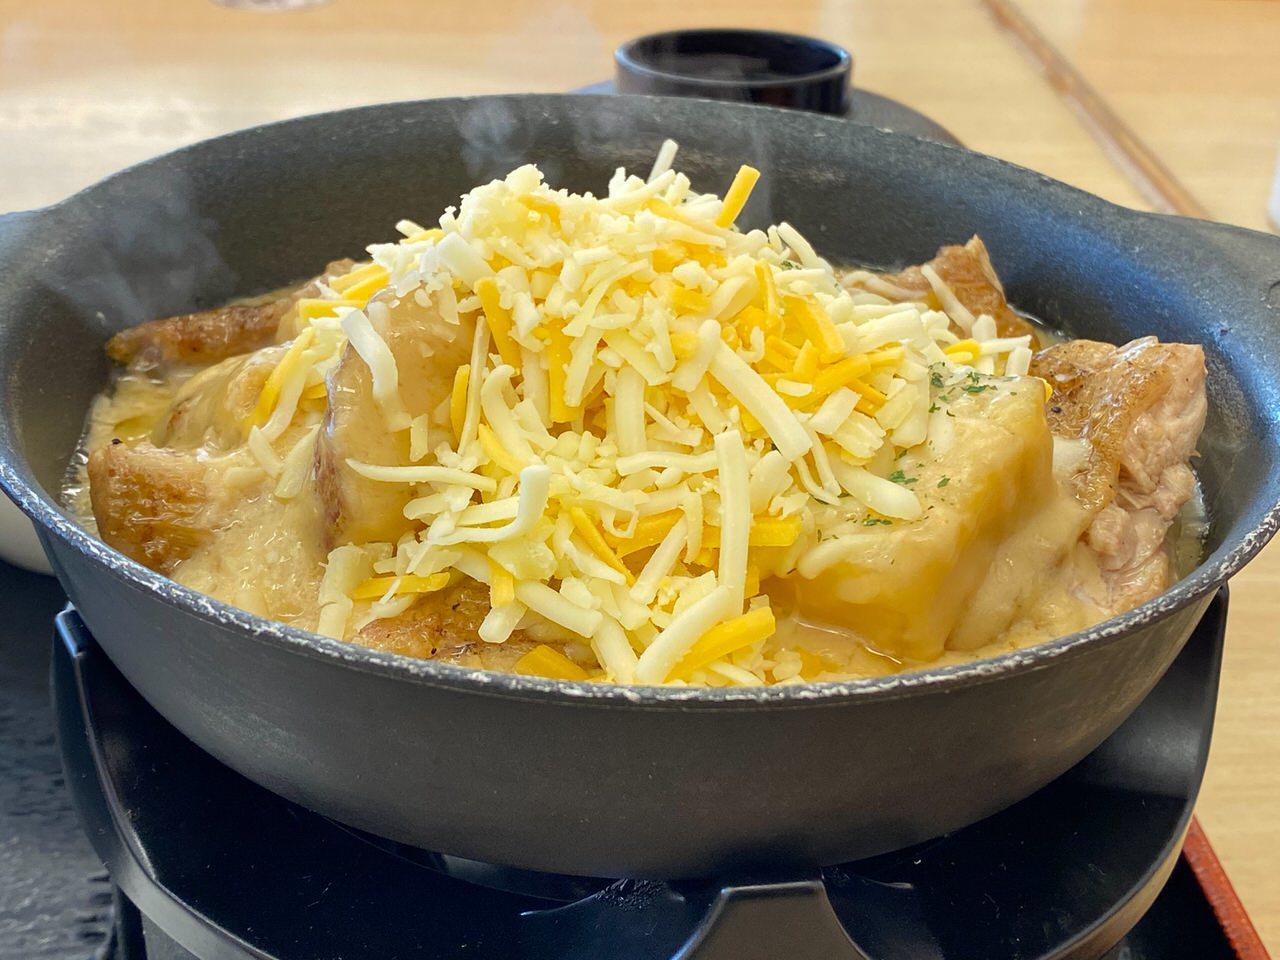 【松屋】復活した「シュクメルリ鍋」ニンニクチーズにさらに追いチーズ!最後の一口まで美味すぎた! 08